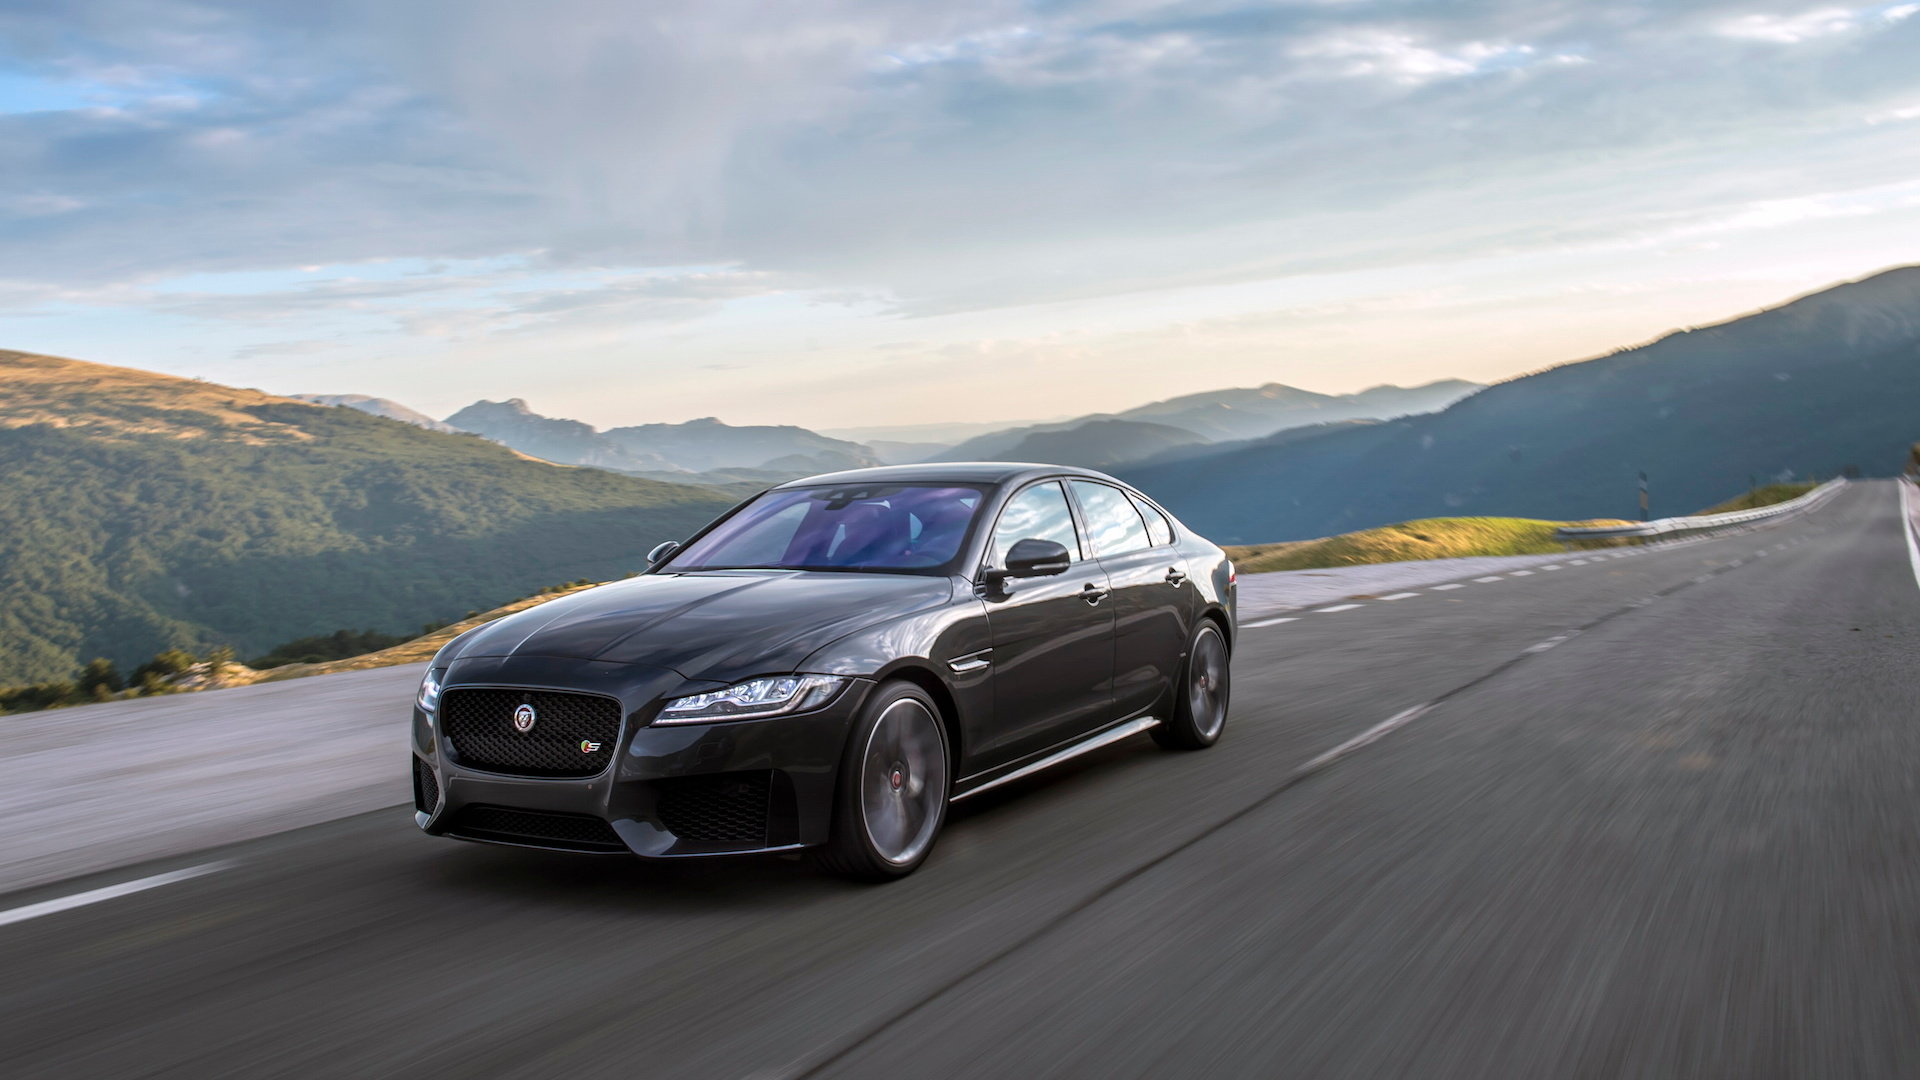 2016 Jaguar XF V6 S AWD